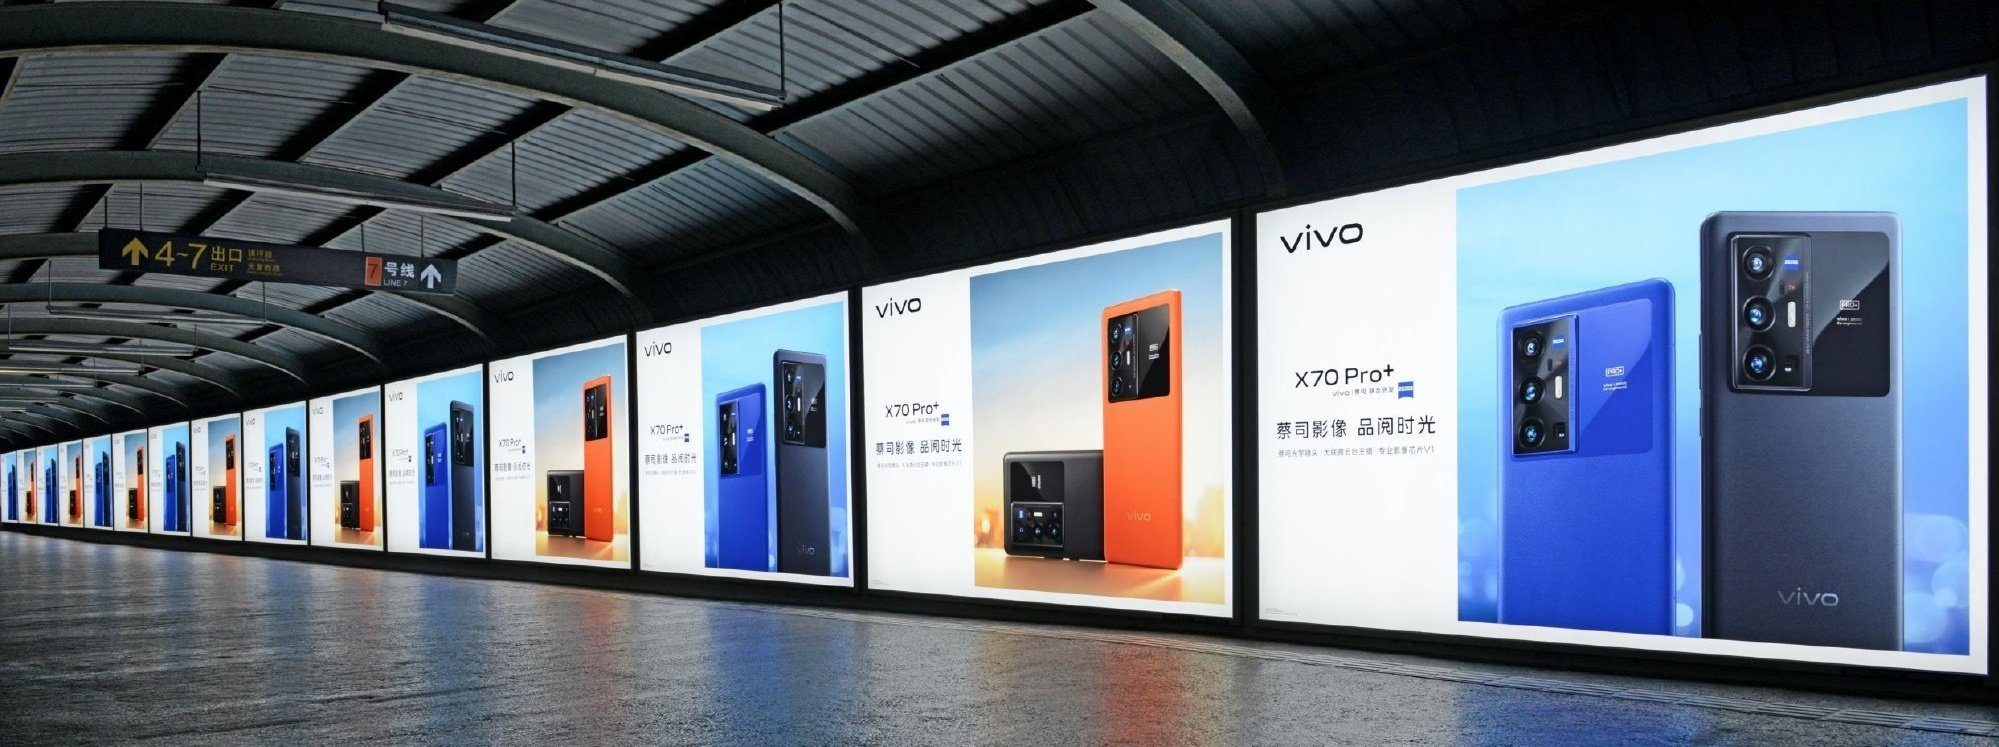 Vivo X70 Pro Plus Blue Color